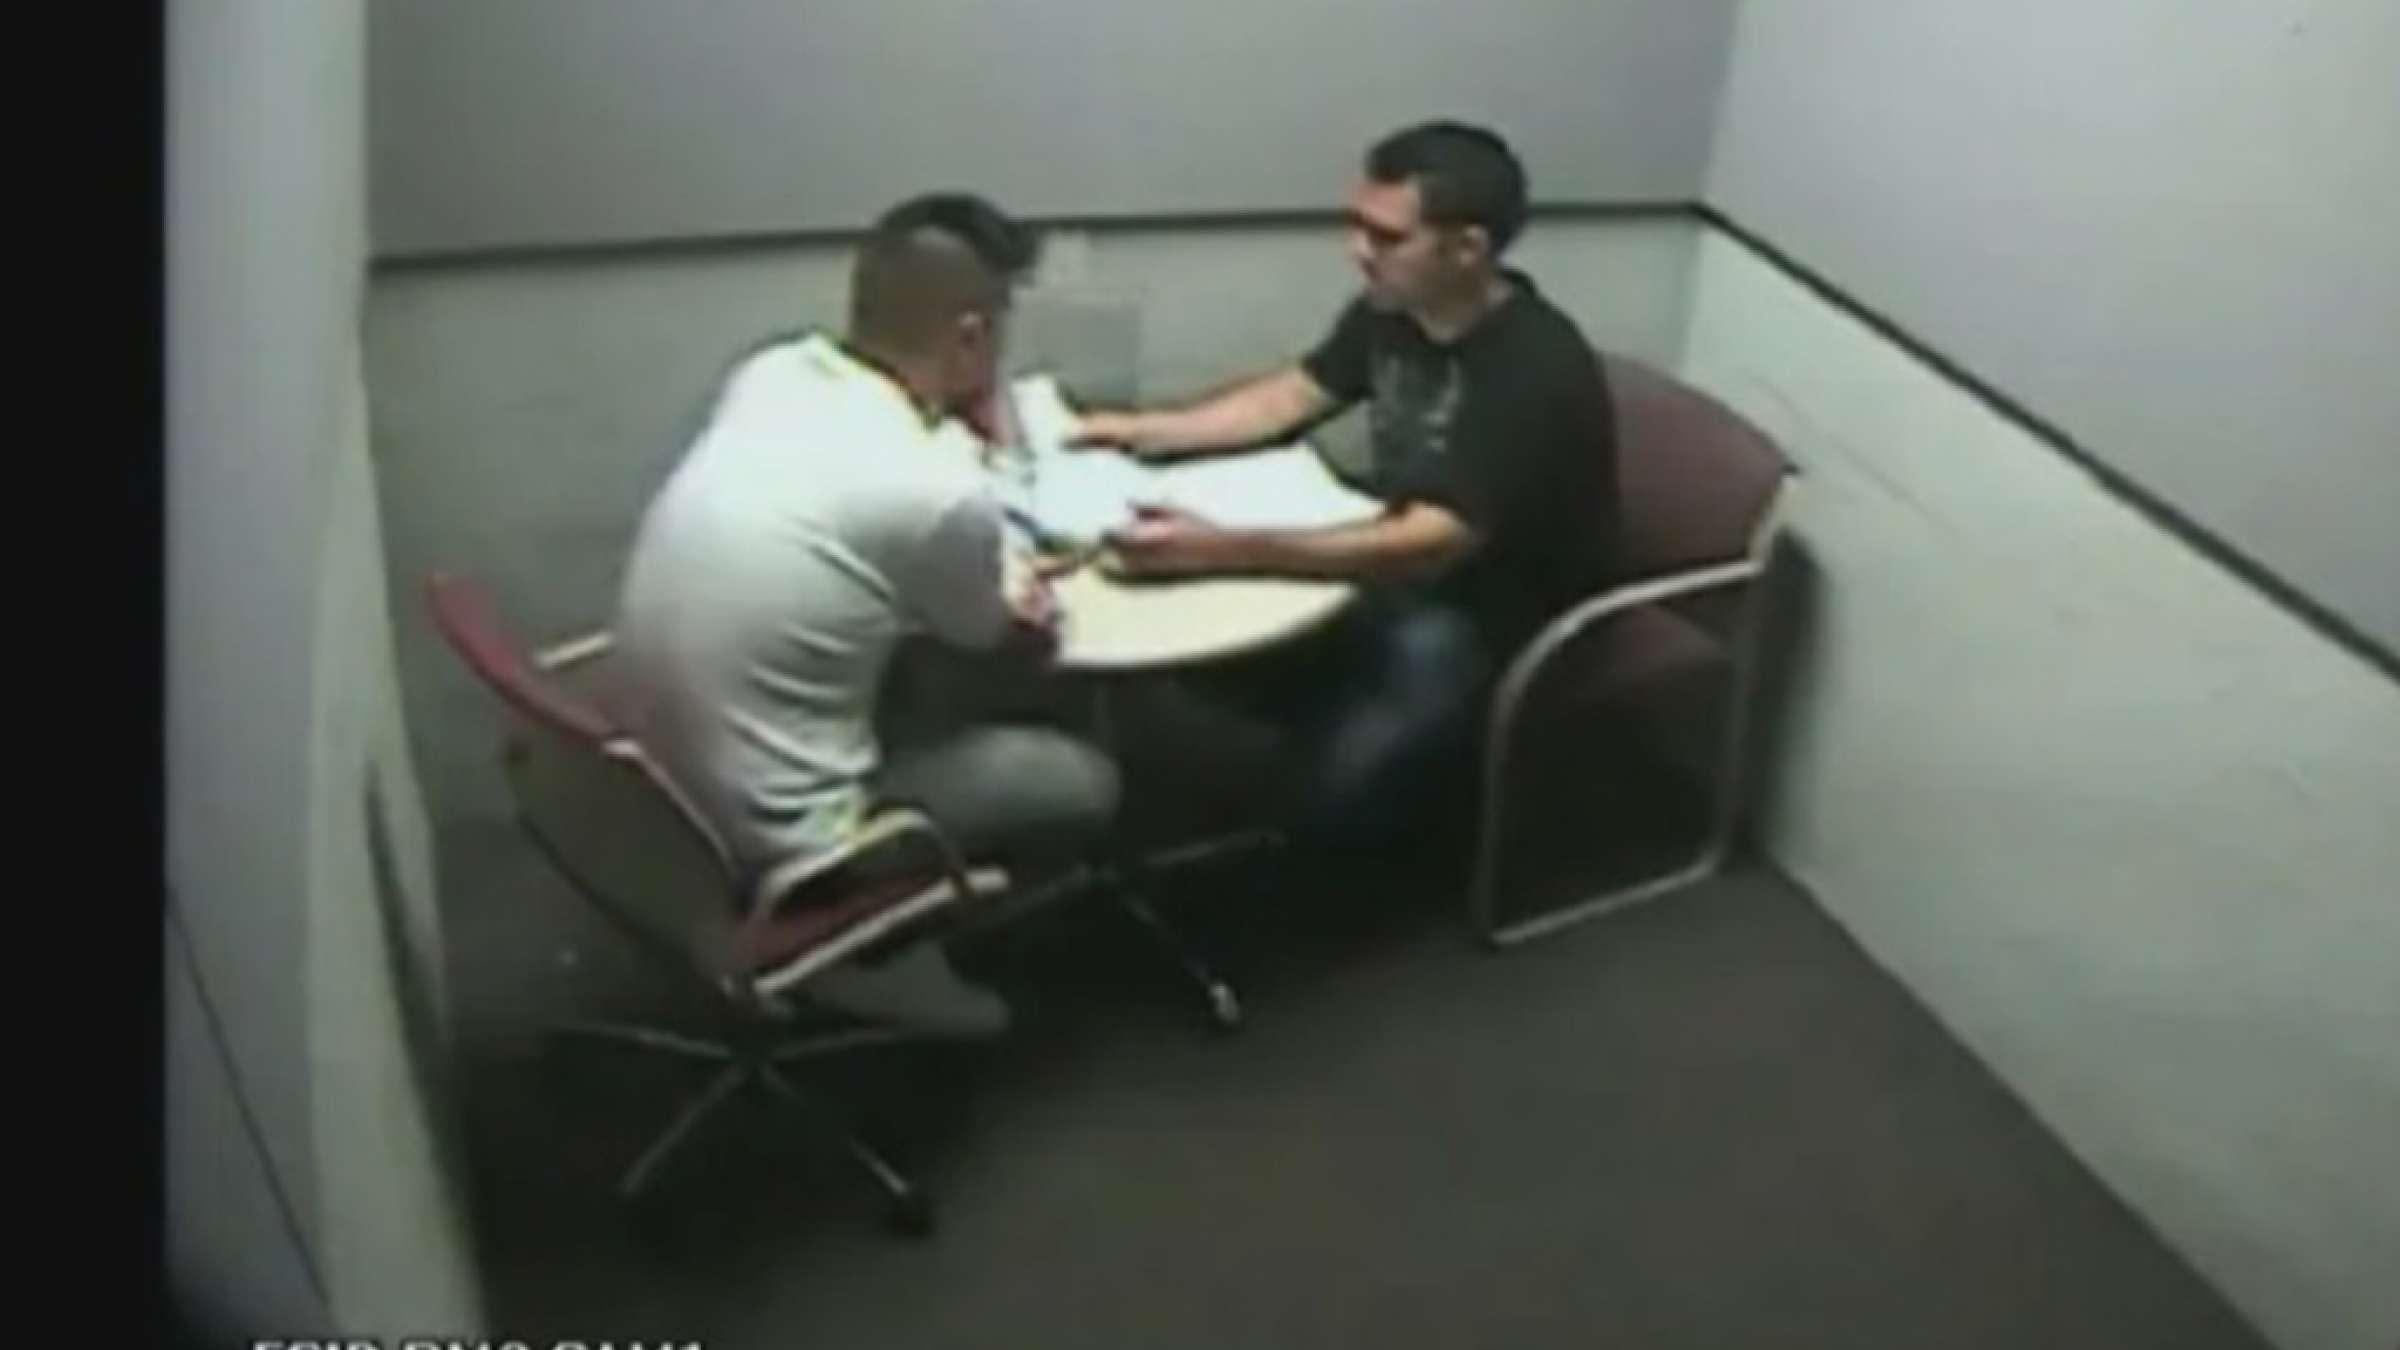 اخبار-کانادا-قاضی-کشف-کرد-پلیس-اطلاعات-غلط-به-دادگاه-میداده-است